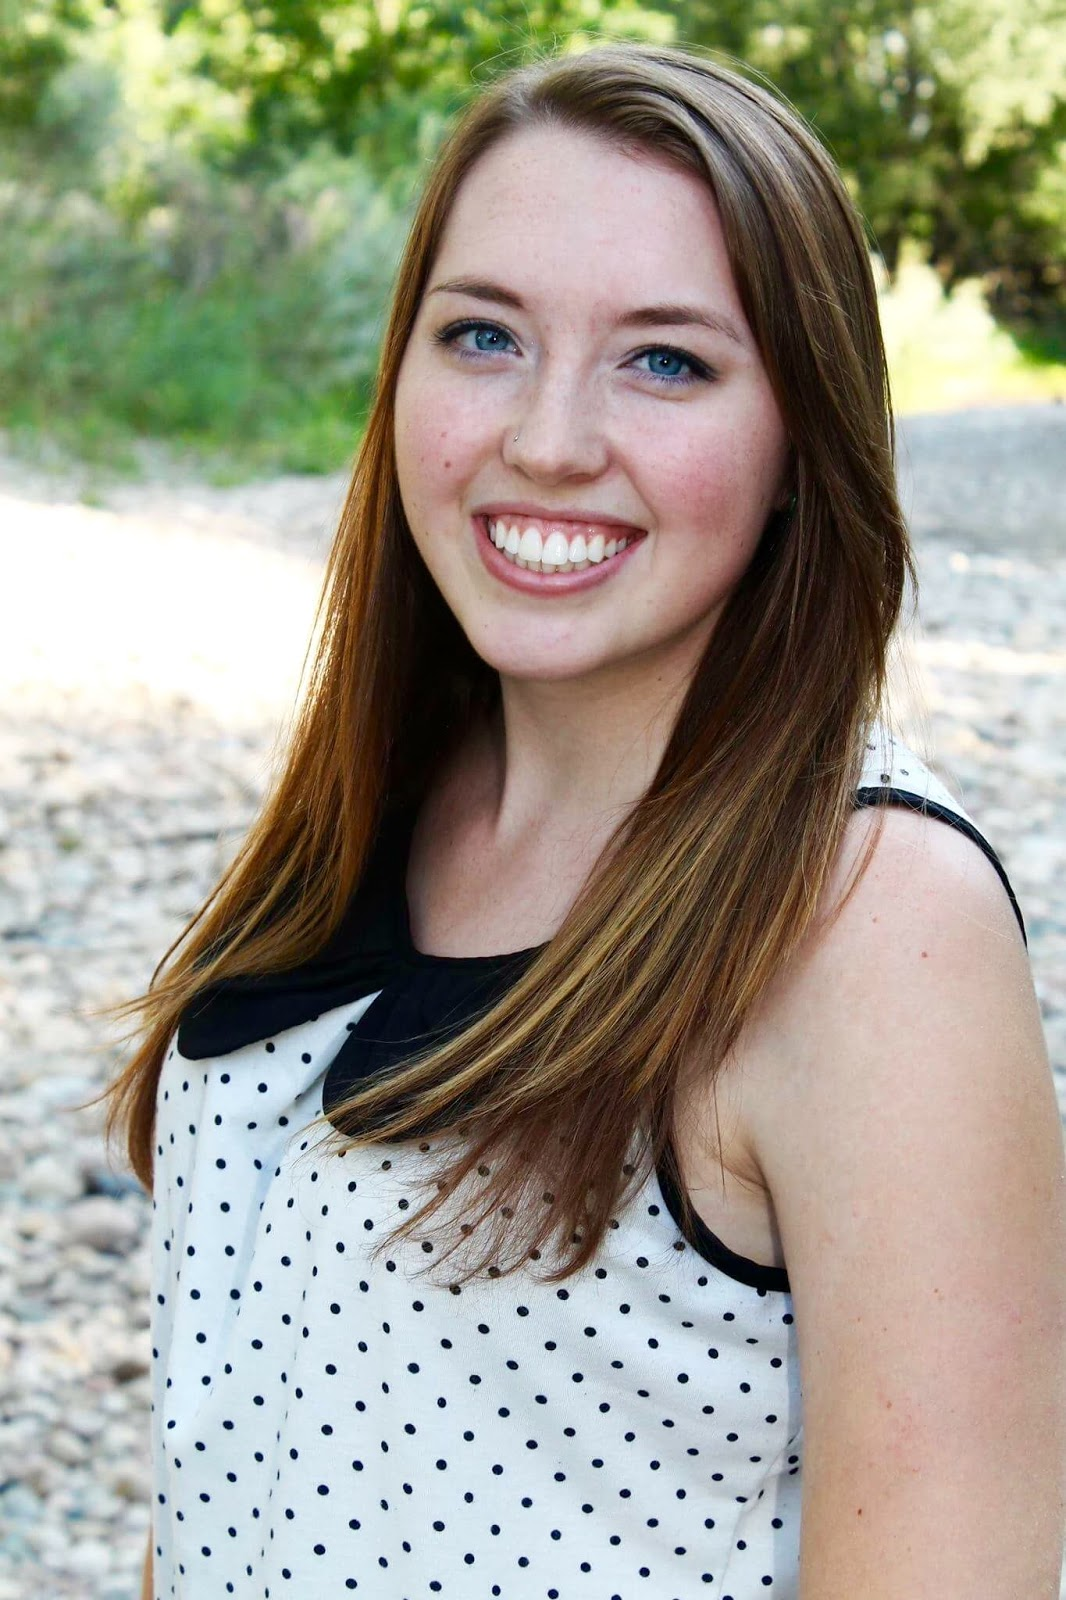 Meet Lexi our New Intern